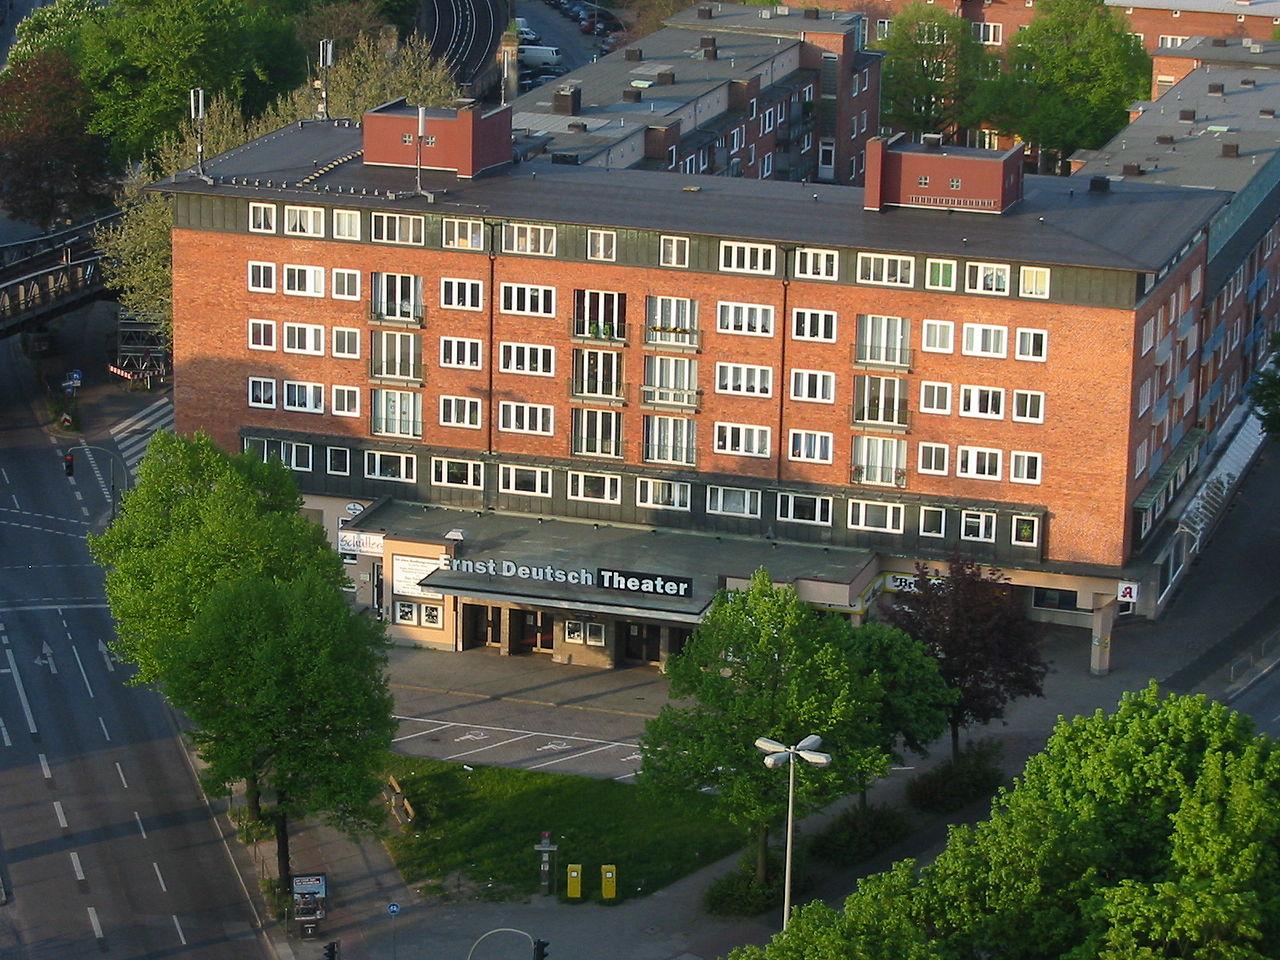 Bild Ernst Deutsch Theater Hamburg